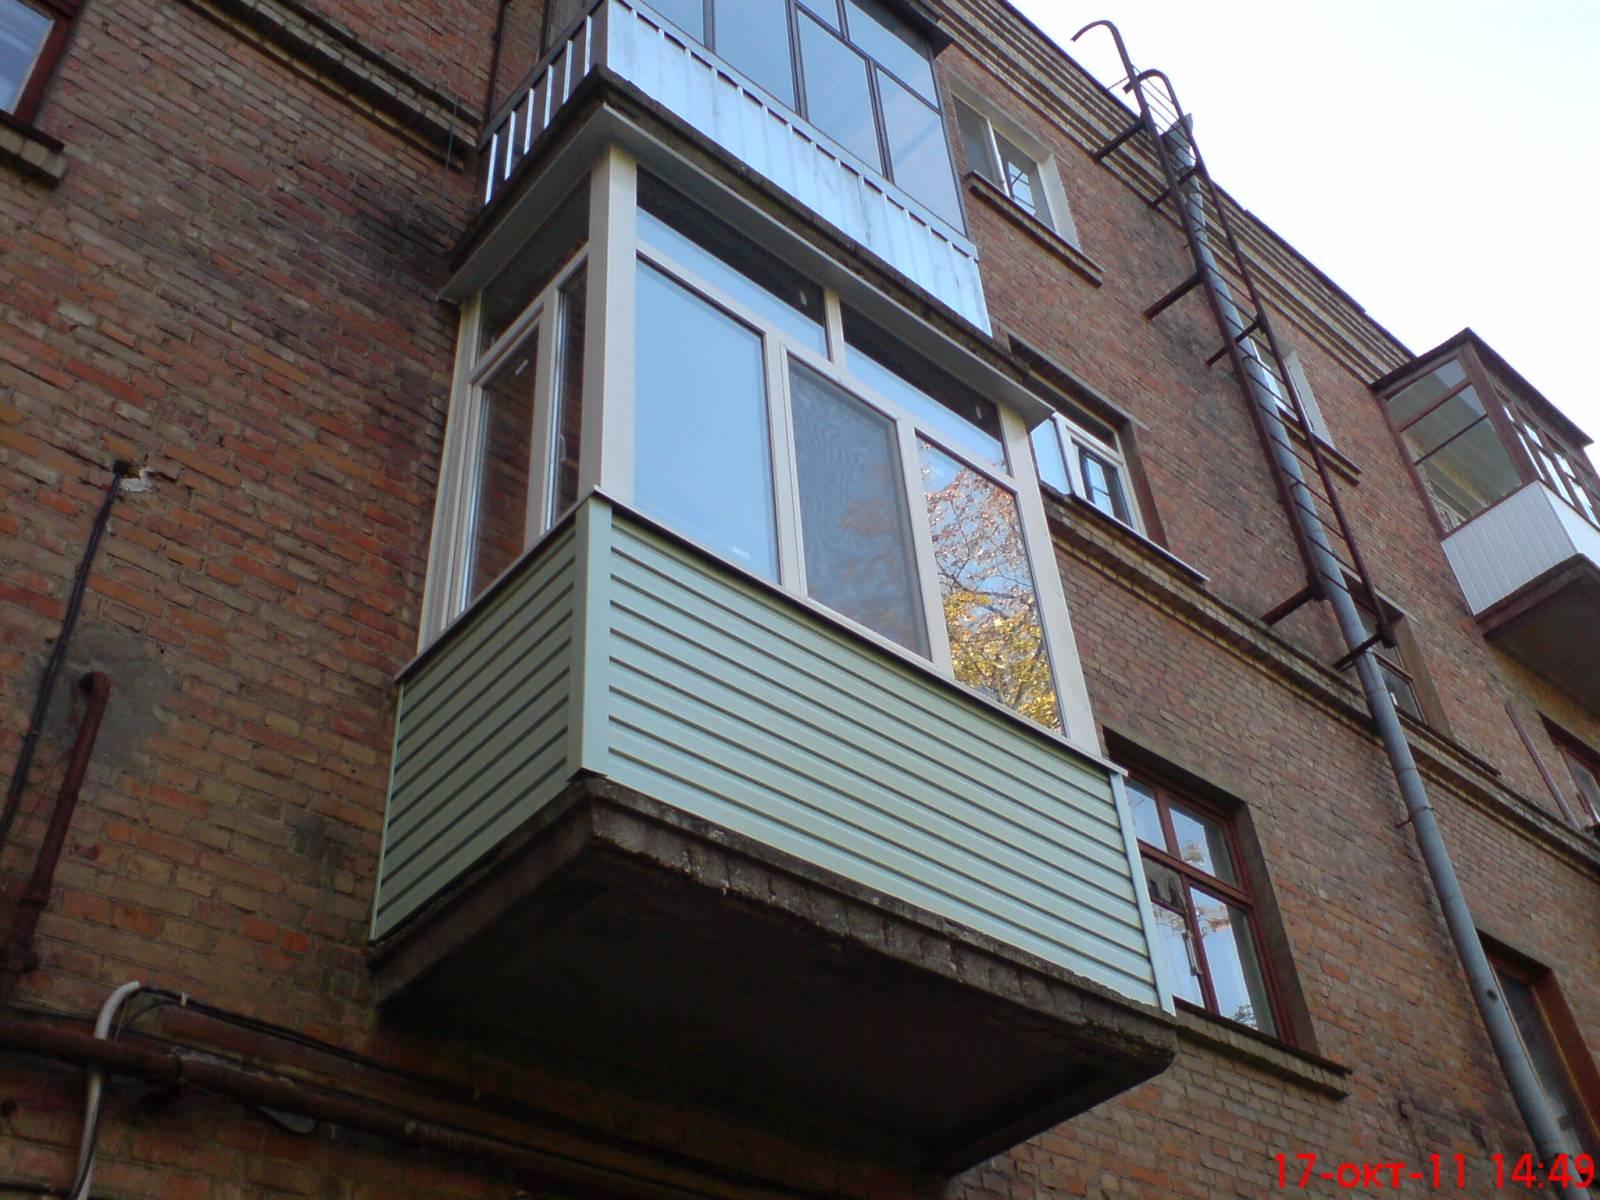 Заказать наврка балконов и лоджий. в днепре promobud.ua 1292.